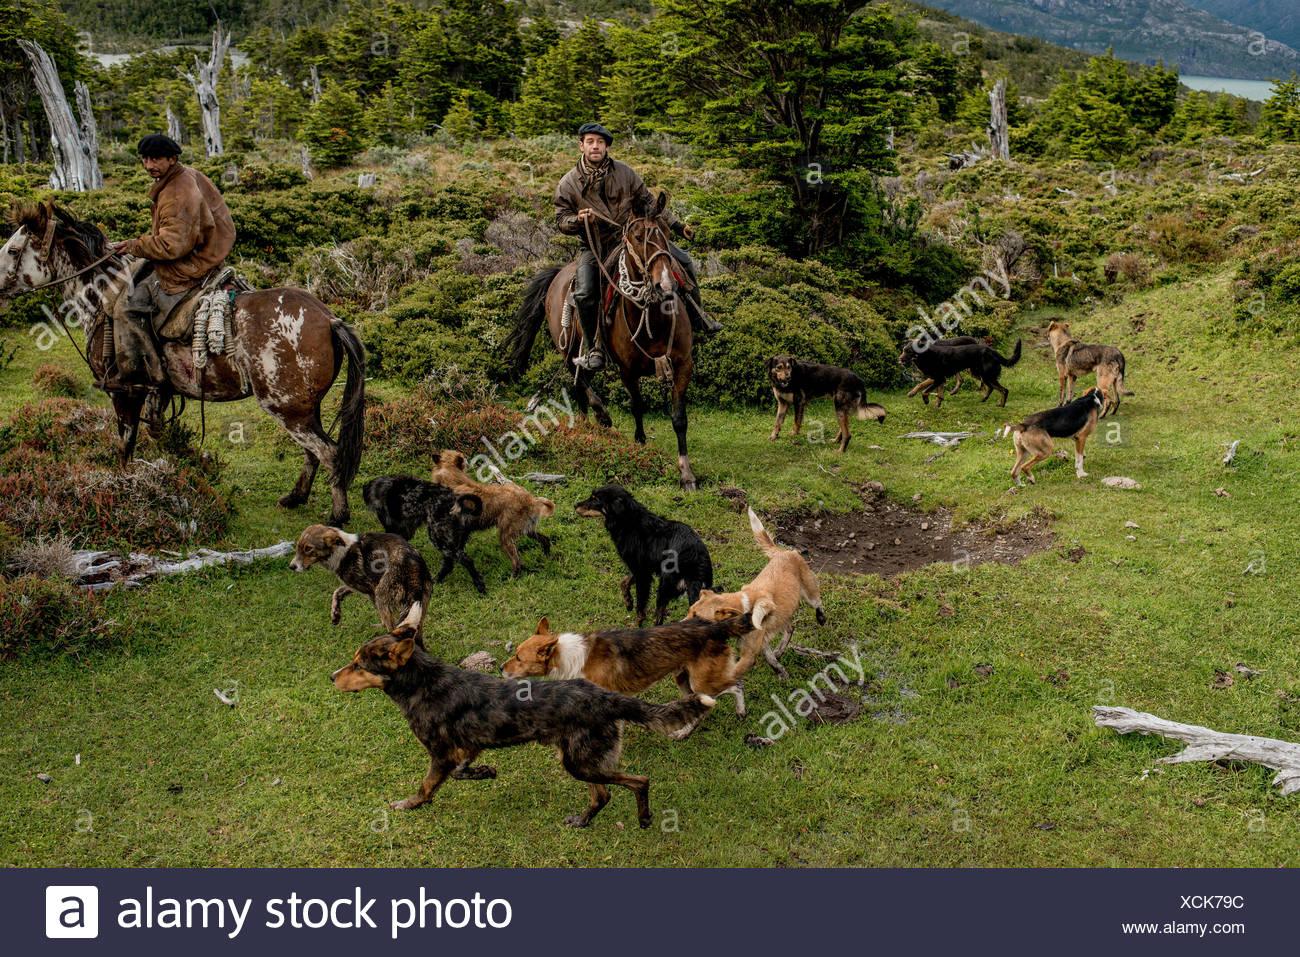 Bagualeros, Cowboys, die wilden Tiere, auf einer Expedition mit ihren Hunden zu erfassen. Stockbild